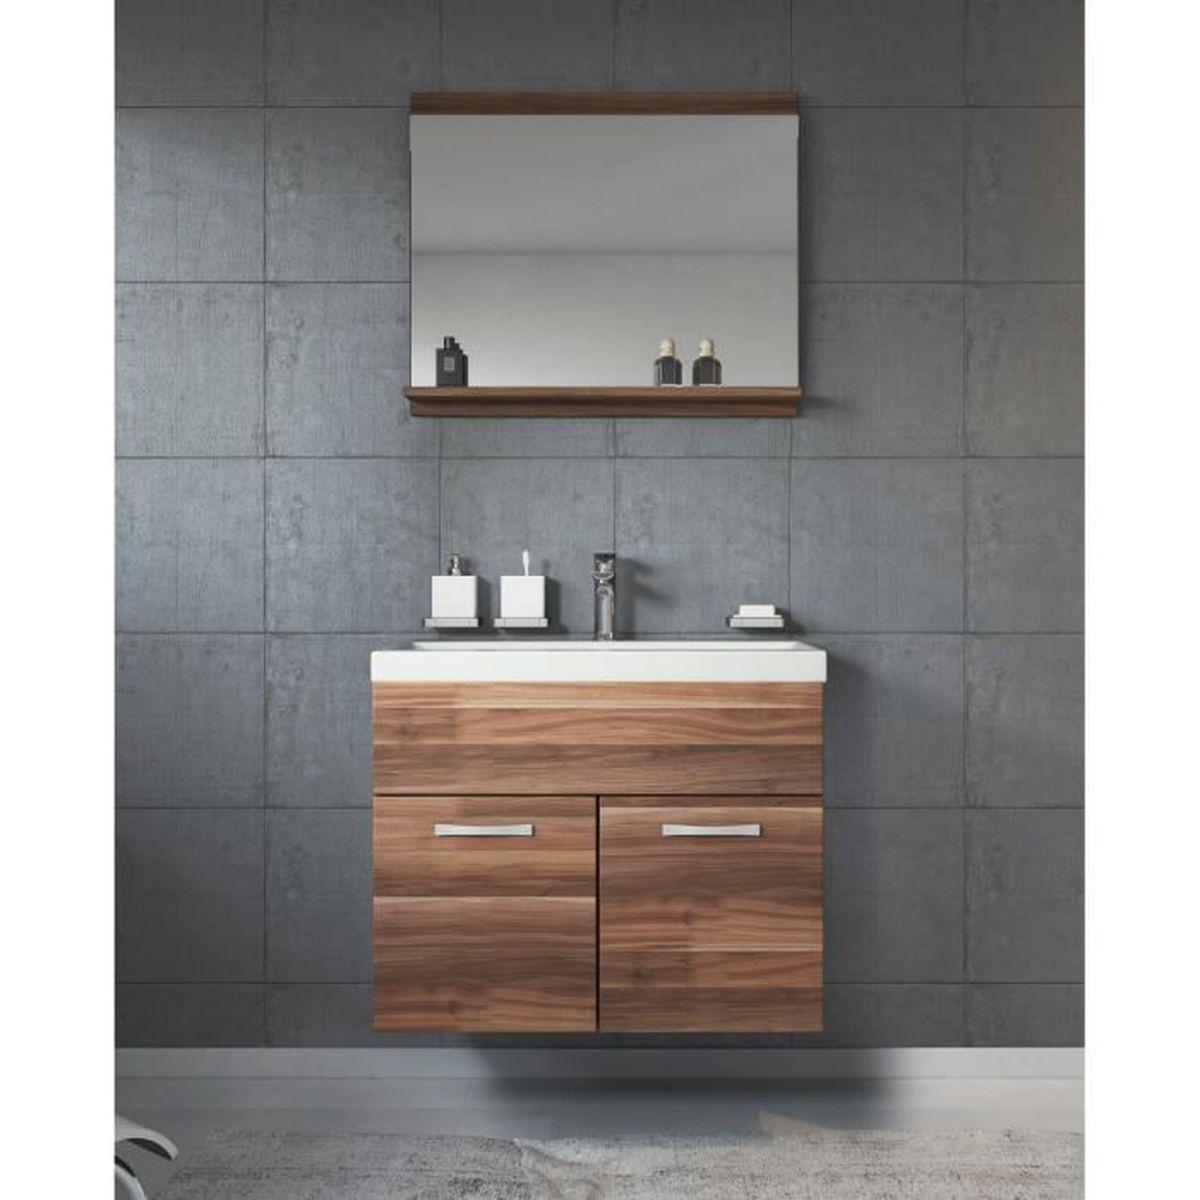 déco : meuble salle de bain osier 13 ~ amiens, meuble salle de, roma